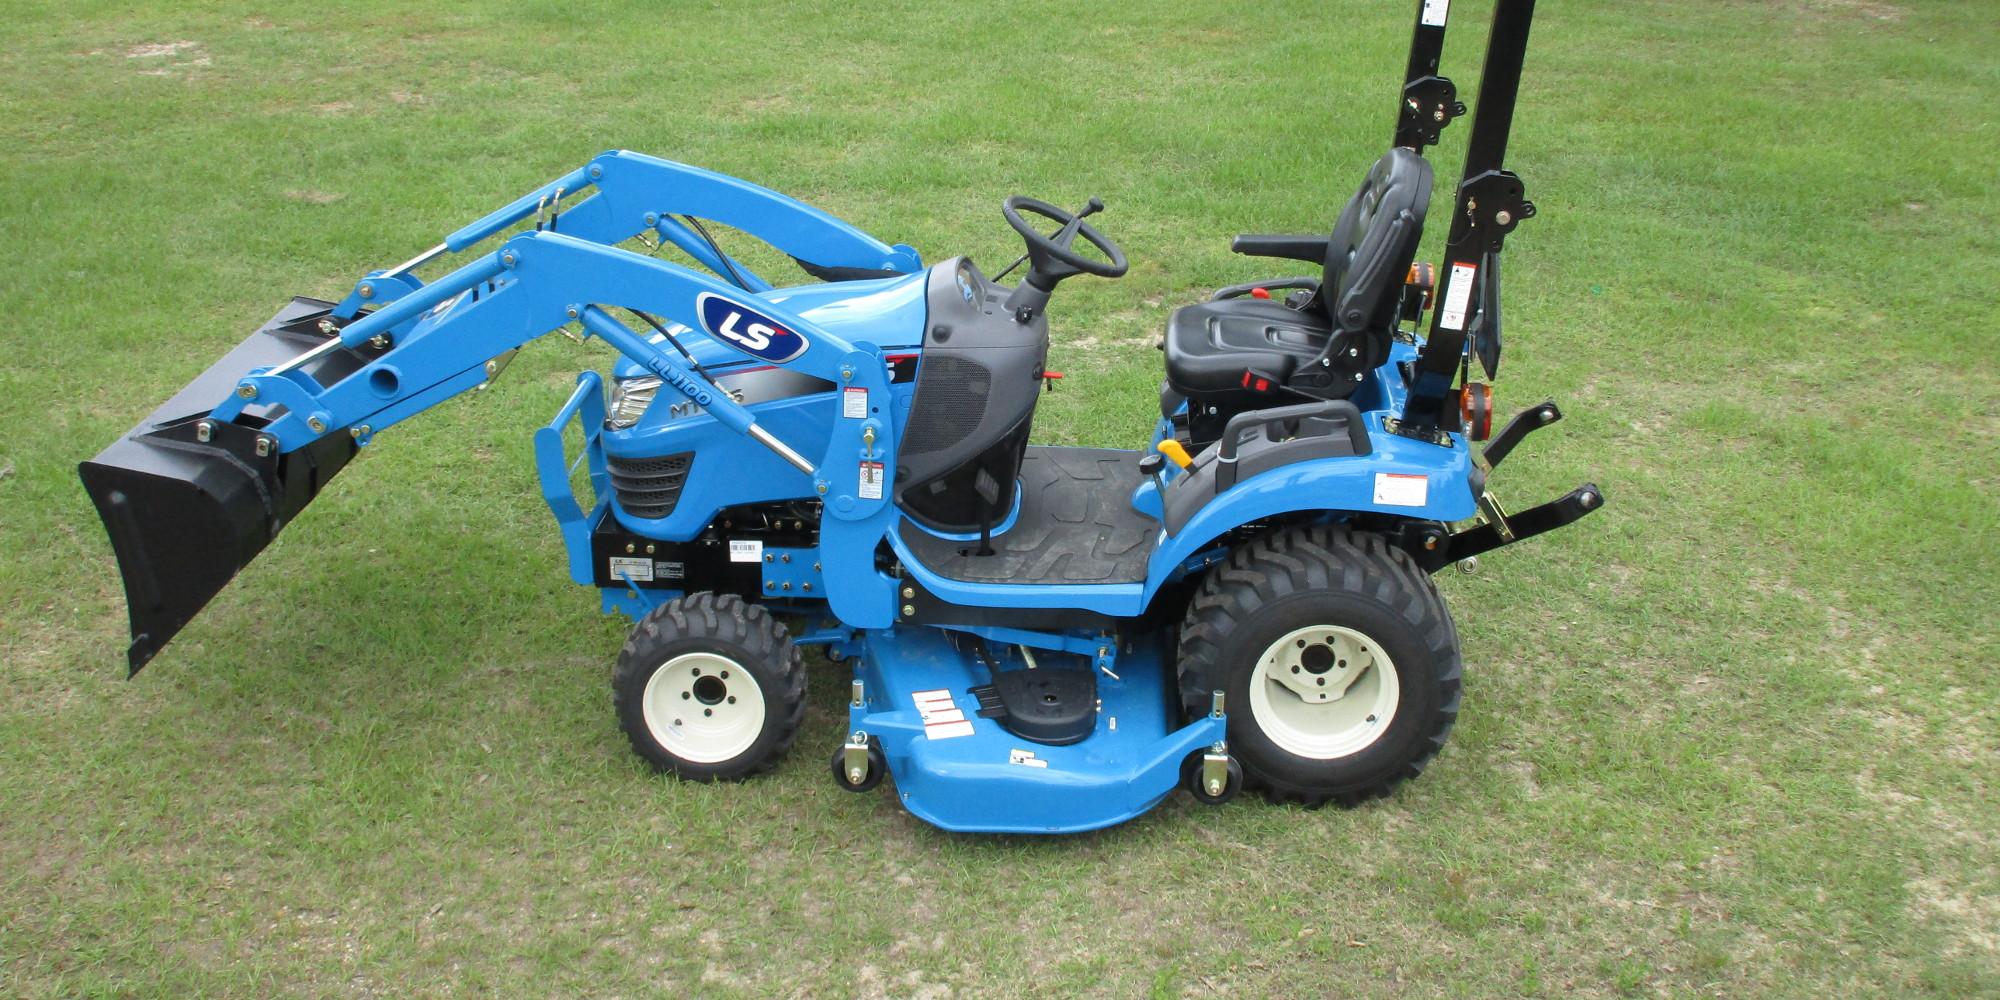 Tractors Unlimited | Tractor Sales & Service | Hattiesburg, MS